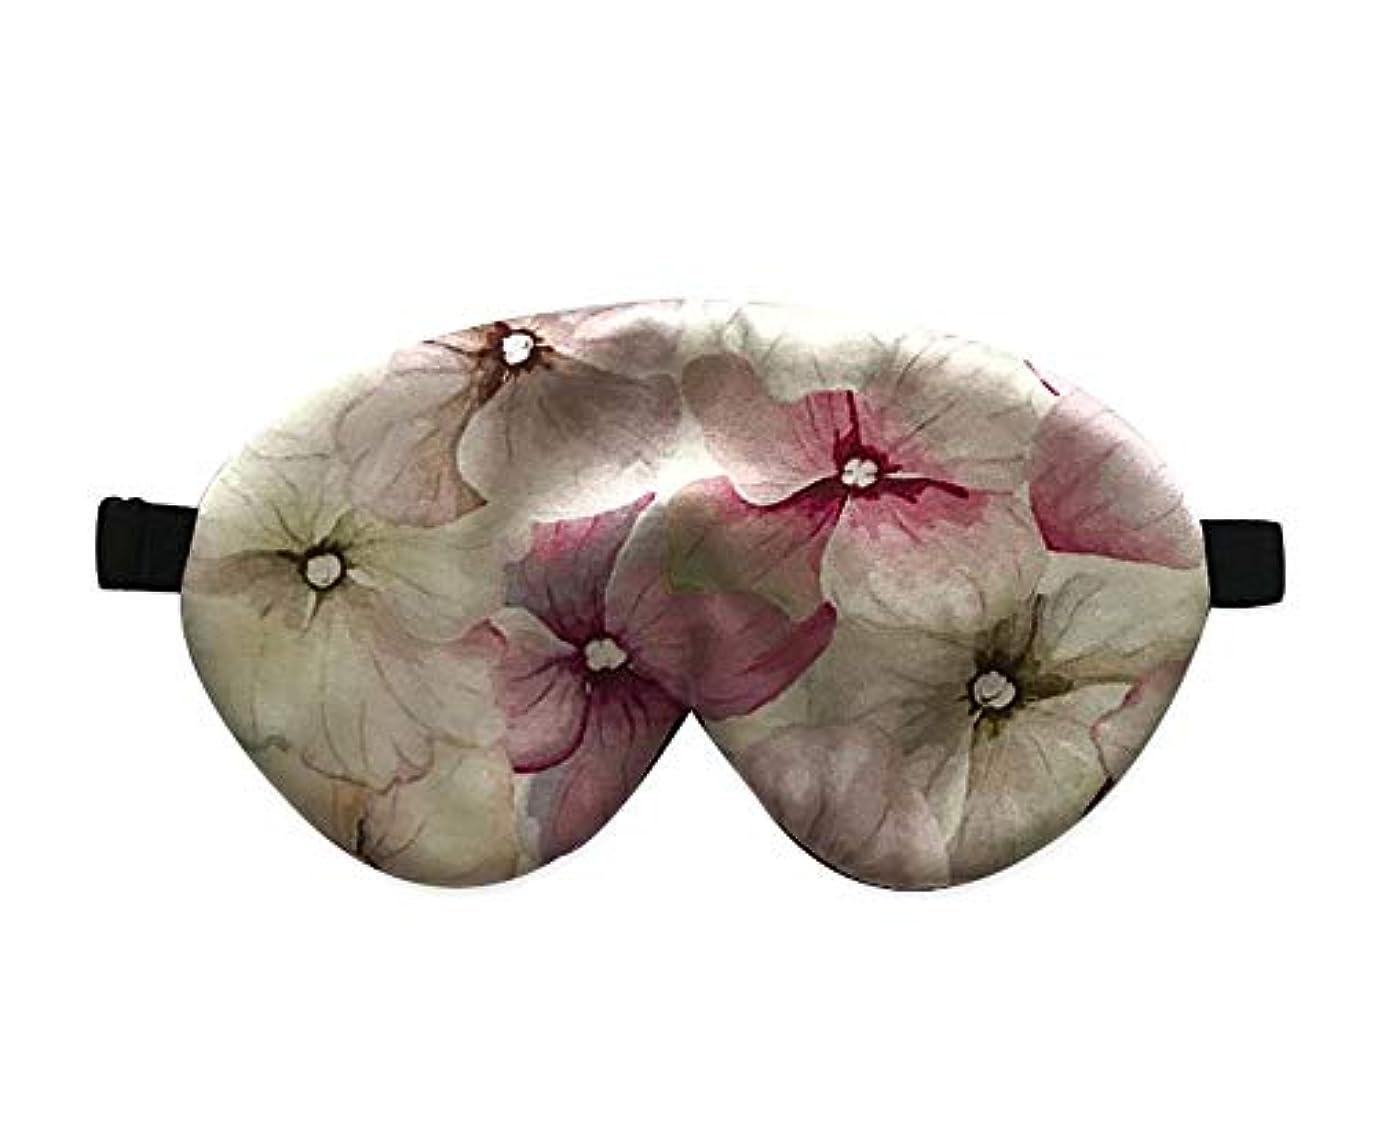 両面シルクアイマスク調節可能なストラップ付きのエレガントなアイシェードスリープアイマスク (魅力的な花)